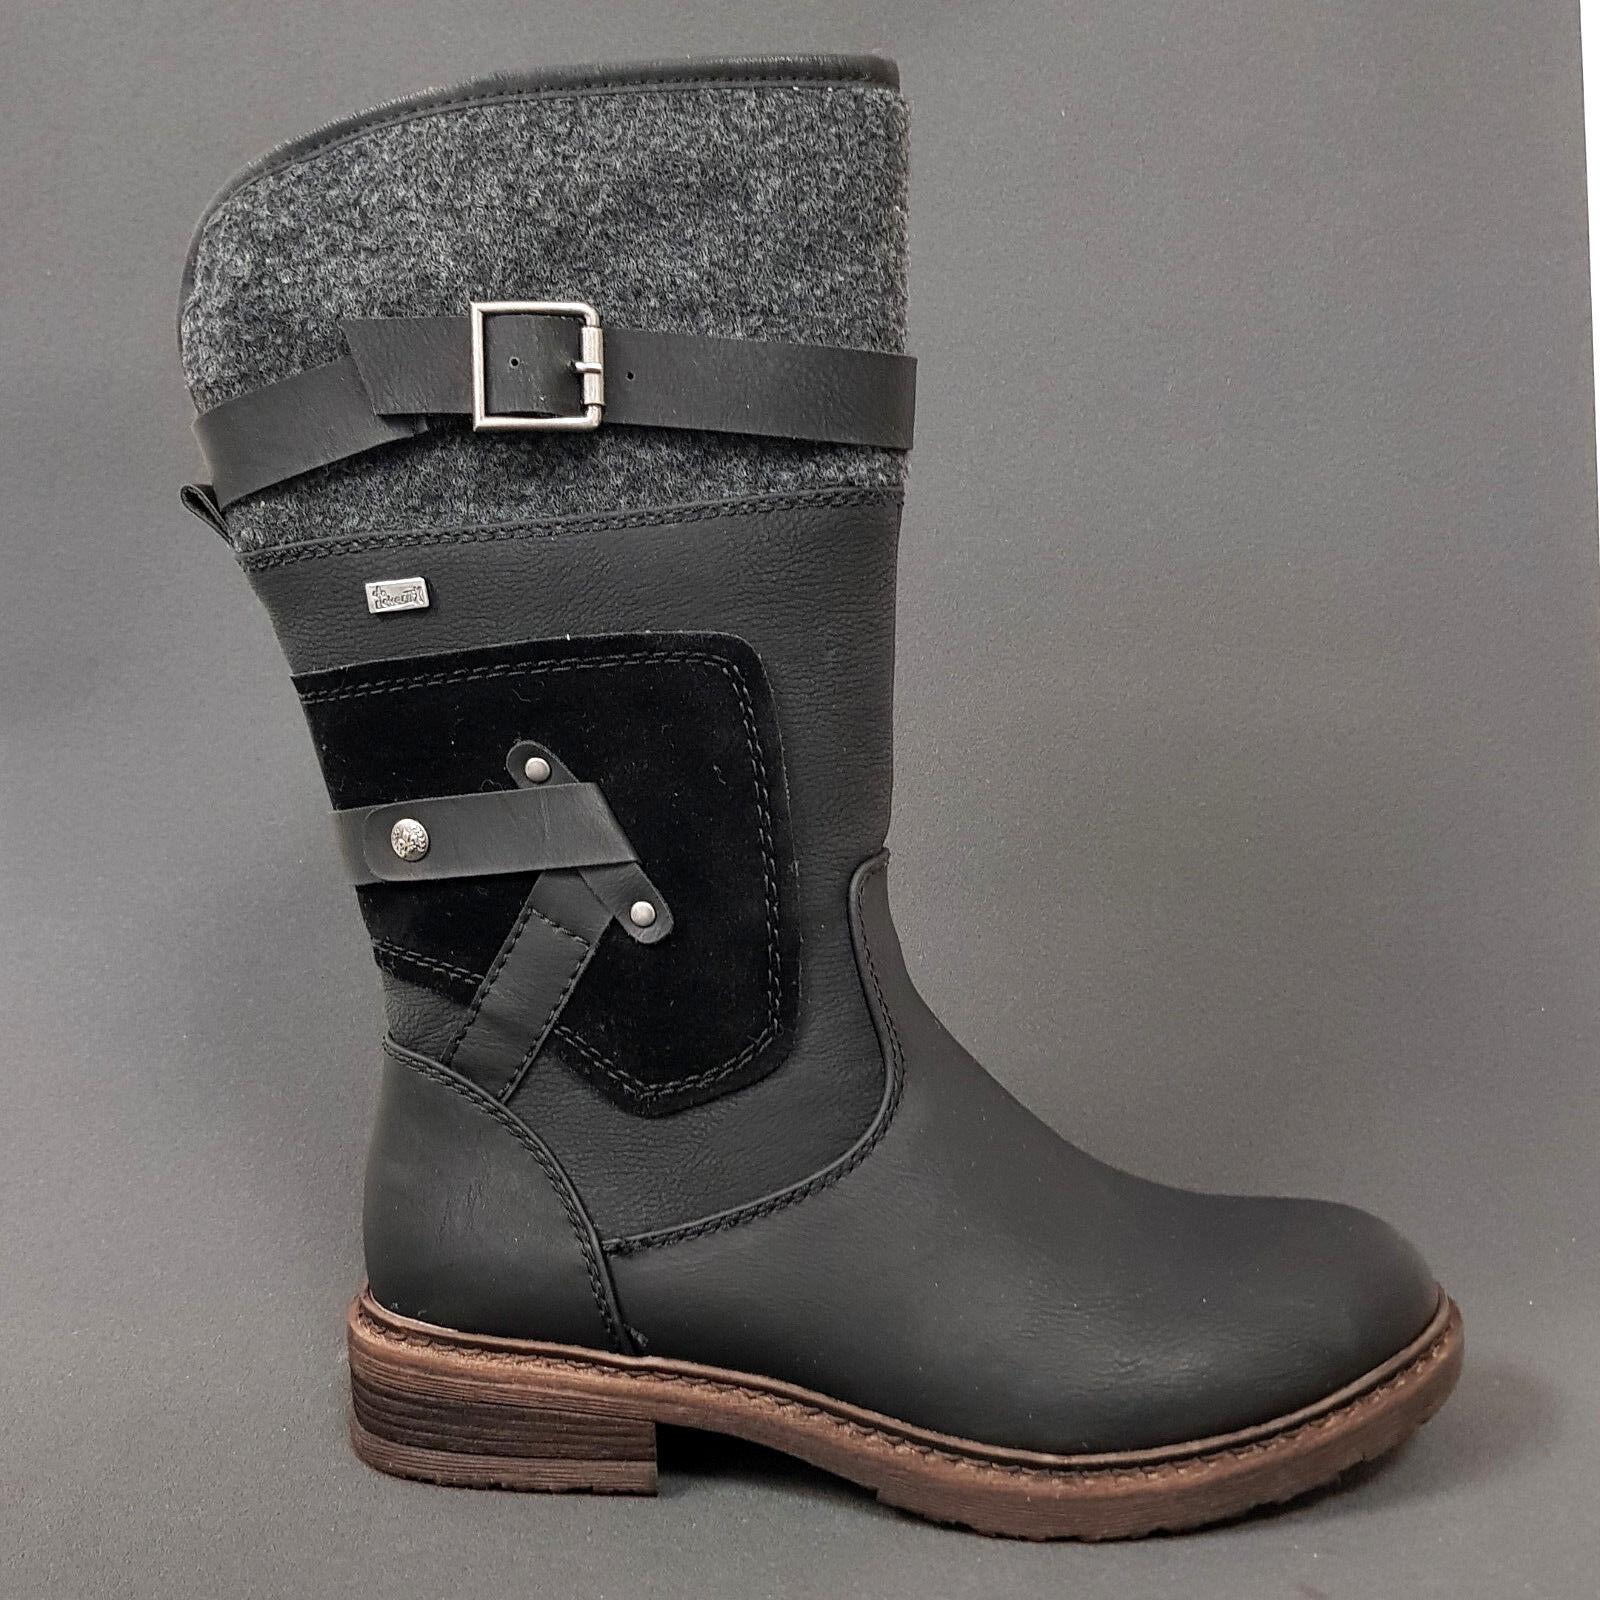 Rieker señora Lang caña botas botas botas botines 94761-00 negro tex nuevo hasta tamaño 43  ¡No dudes! ¡Compra ahora!